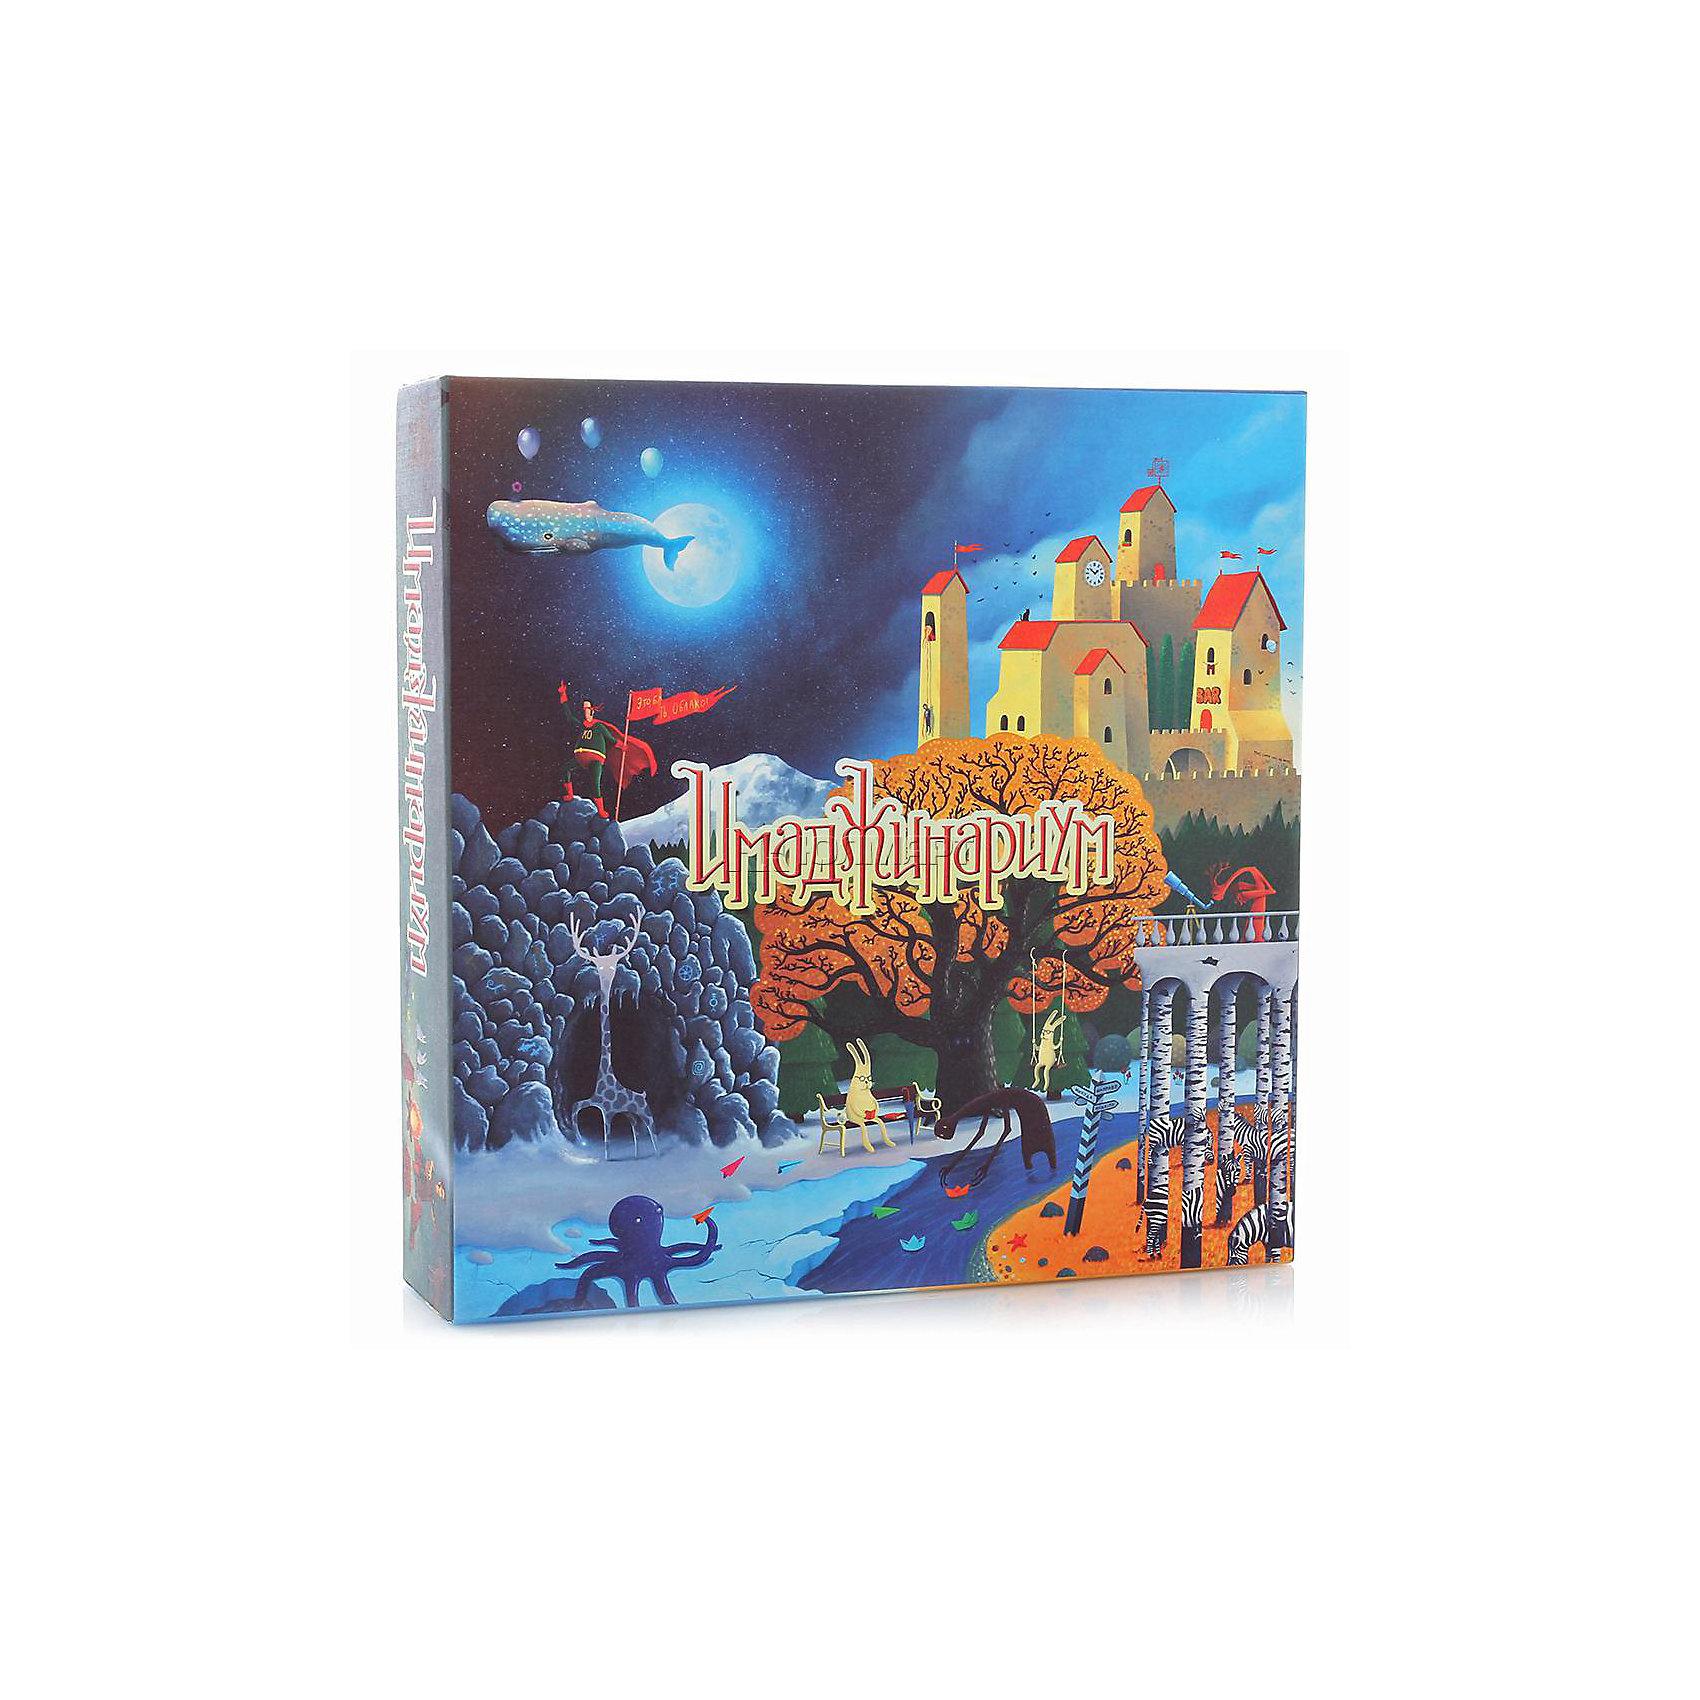 Настольная игра Имаджинариум, Stupid casualНастольные игры для всей семьи<br>«Имаджинариум» — это очень простая и очень интересная игра, в которой нужно придумывать ассоциации к необычным картинкам из коробки. Картинки рисовали сумасшедшие художники, поэтому ассоциаций — от самых простых, вроде «любовь», «зима», «принципиальность», до самых сложных и безумных, в духе «Всё правильно сделал», «Где драма? Опять нет драмы!», «Чак-чак! Беги быстрее!», может быть просто море.<br>Основная задача игроков — угадать, какую именно из выложенных на столе карточек загадал ведущий, и проголосовать за нее. Каждый игрок выбирает одну карточку для голосования с нужным номером и кладет рубашкой вверх. Ведущий не голосует и не комментирует выложенные на столе картинки. Голосовать за свою собственную картинку нельзя. Когда все приняли решение и проголосовали, карточки для голосования переворачиваются и происходит подсчет очков.<br><br>В набор входит:<br> - Поле для подсчёта очков (сделанное прямо на «подиуме» на коробке).<br> - 98 крупных карт с картинками.<br> - 49 карточек для голосования для 7 игроков.<br> - 7 летающих слонов для передвижения по полю.<br> - Правила на русском языке.<br><br> Количество игроков: от 4 до 7 человек.<br><br>Ширина мм: 300<br>Глубина мм: 300<br>Высота мм: 70<br>Вес г: 900<br>Возраст от месяцев: 144<br>Возраст до месяцев: 1188<br>Пол: Унисекс<br>Возраст: Детский<br>SKU: 3202192